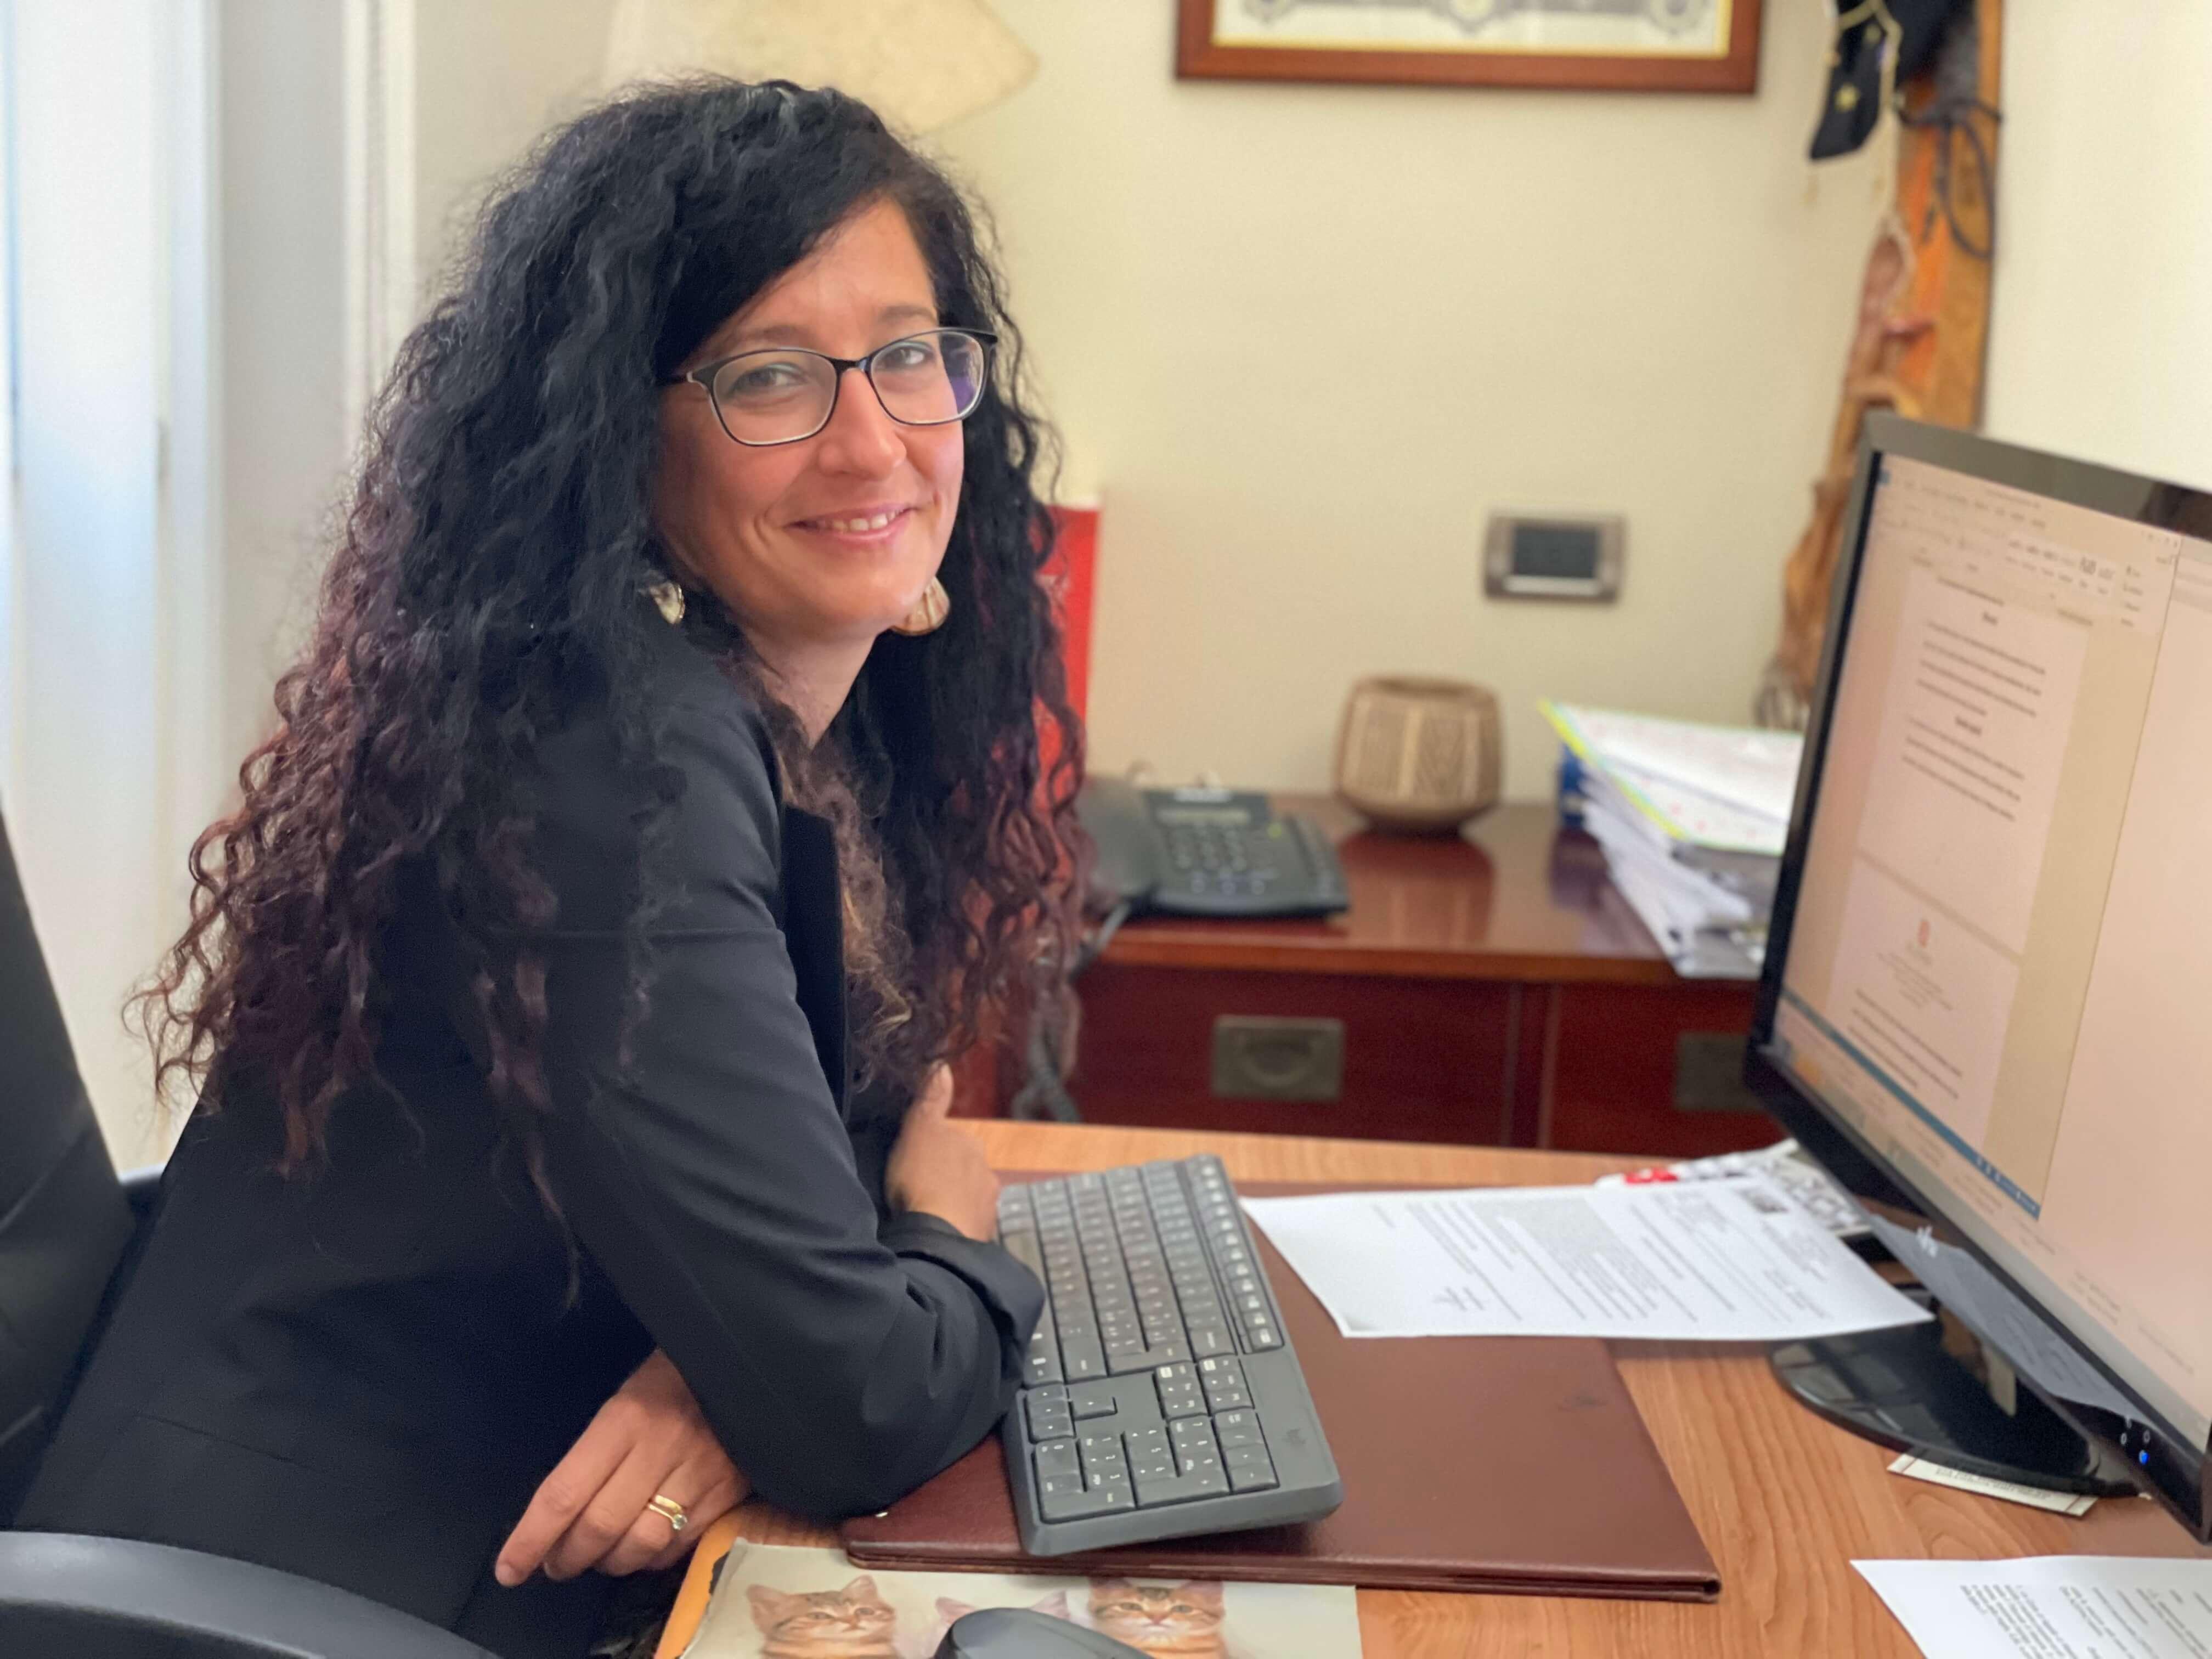 Ilaria Lenzi, Avvocato Divorzista presso Studio Legale De Stasio - Follonica, Grosseto